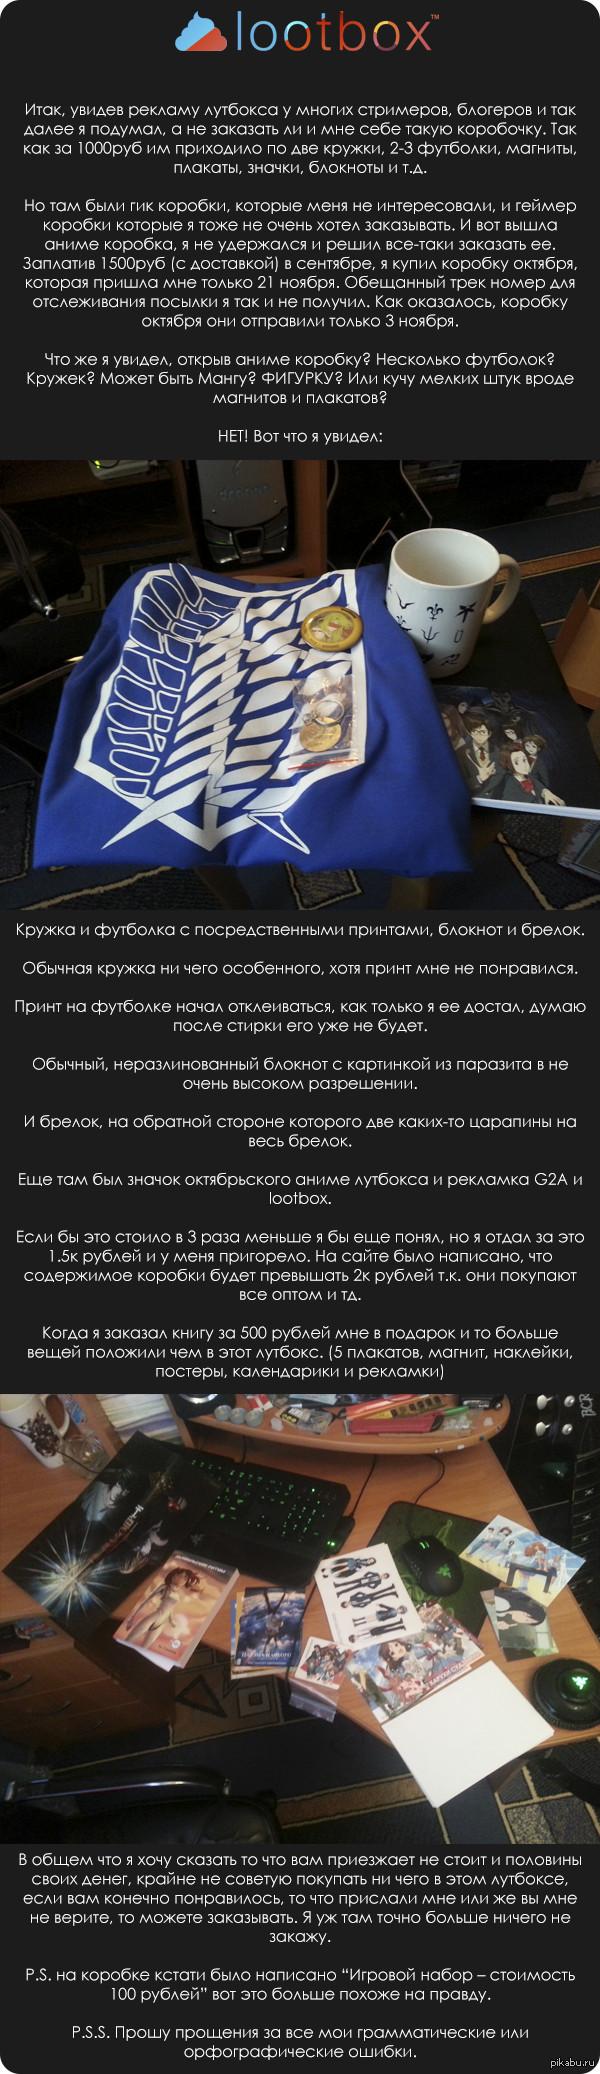 Lootbox! Что же вы получите за 1.5к рублей?